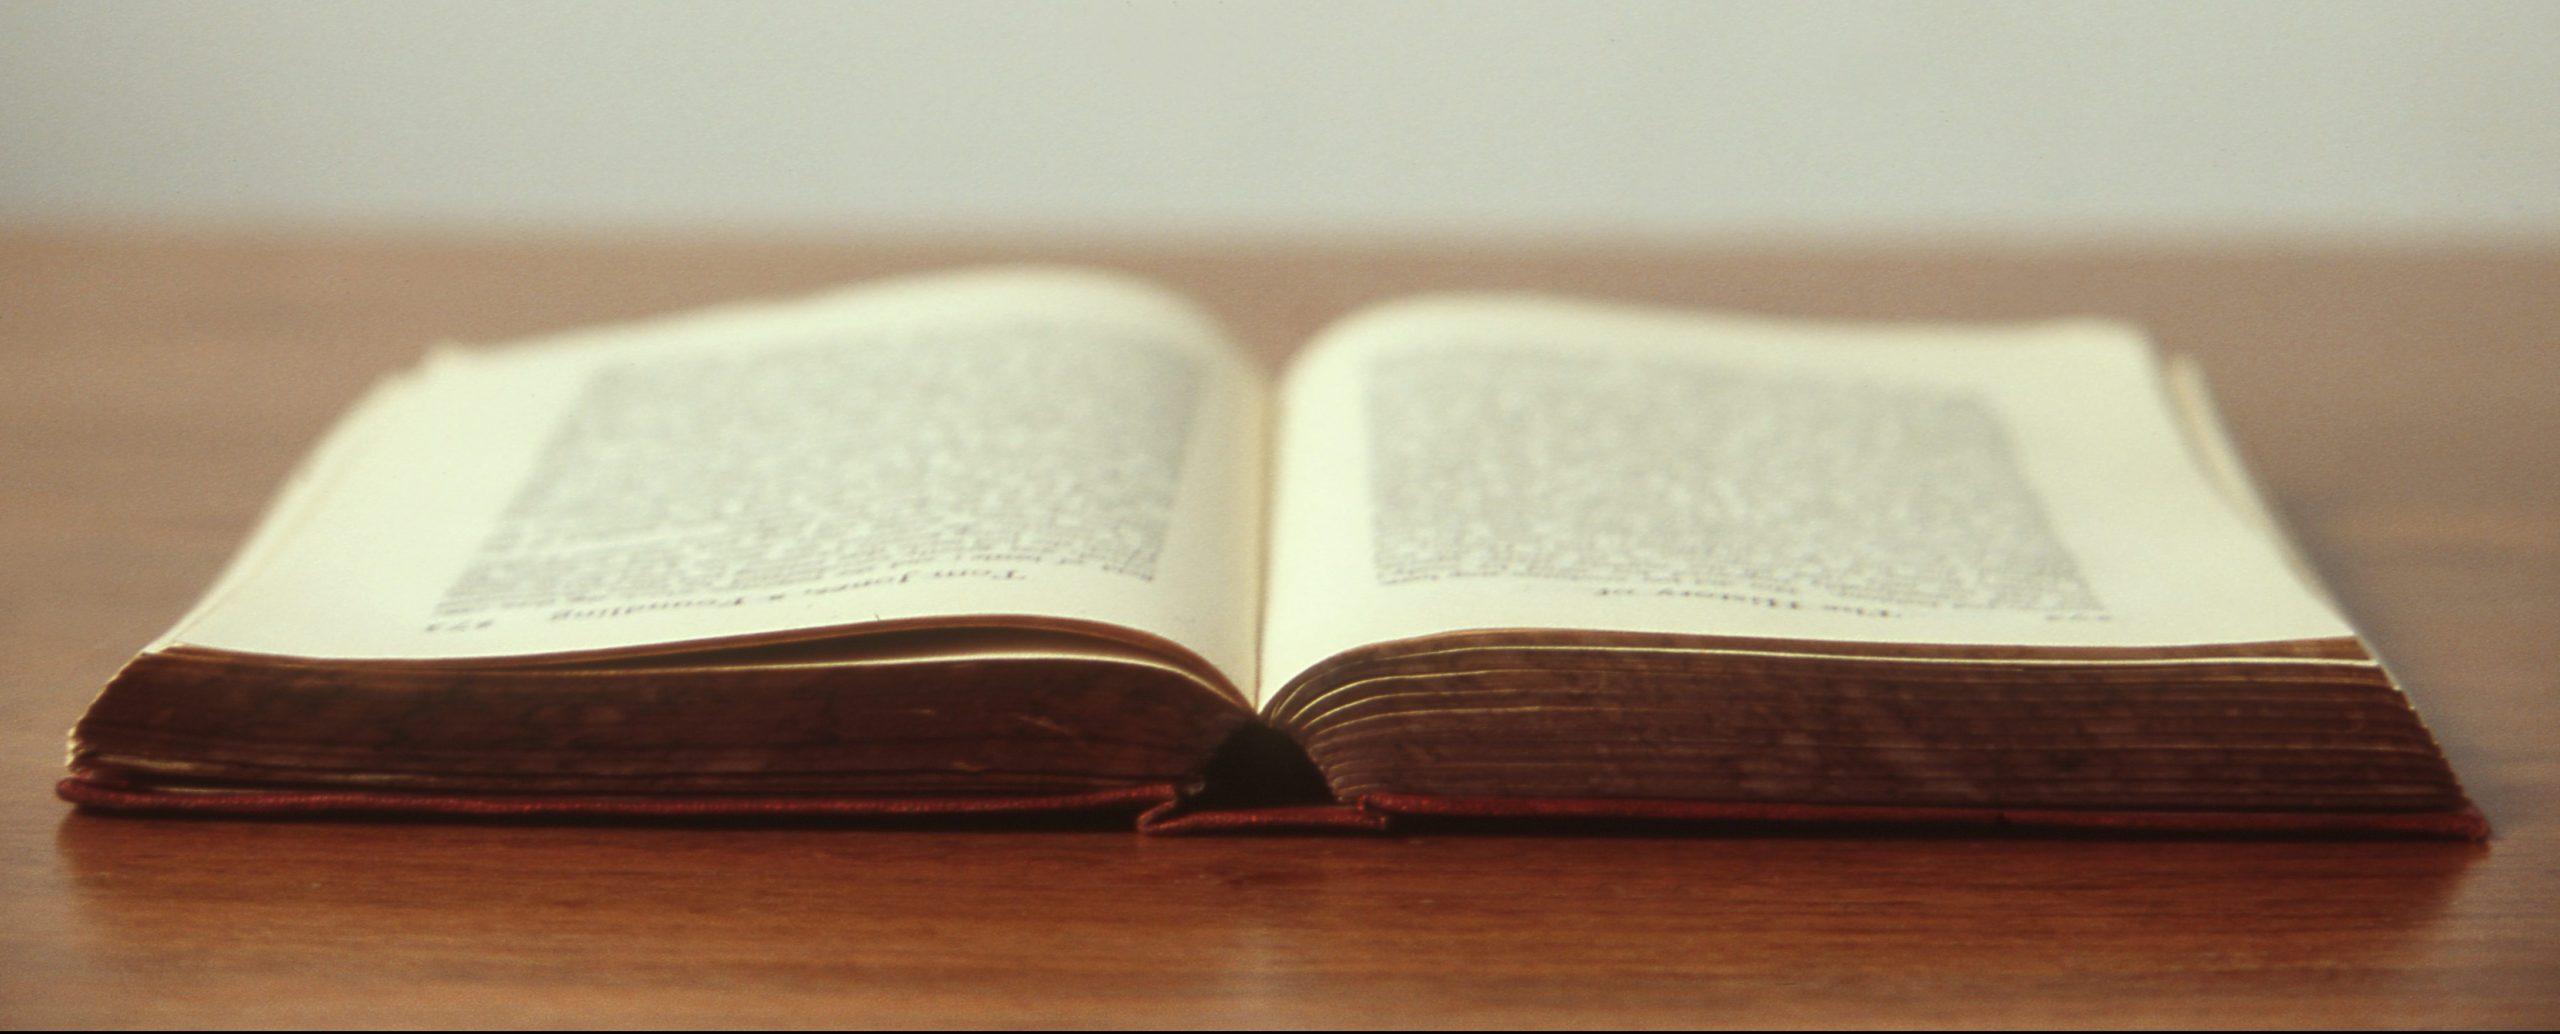 5 libra nga autore gra që të gjithë duhet t'i lexojmë